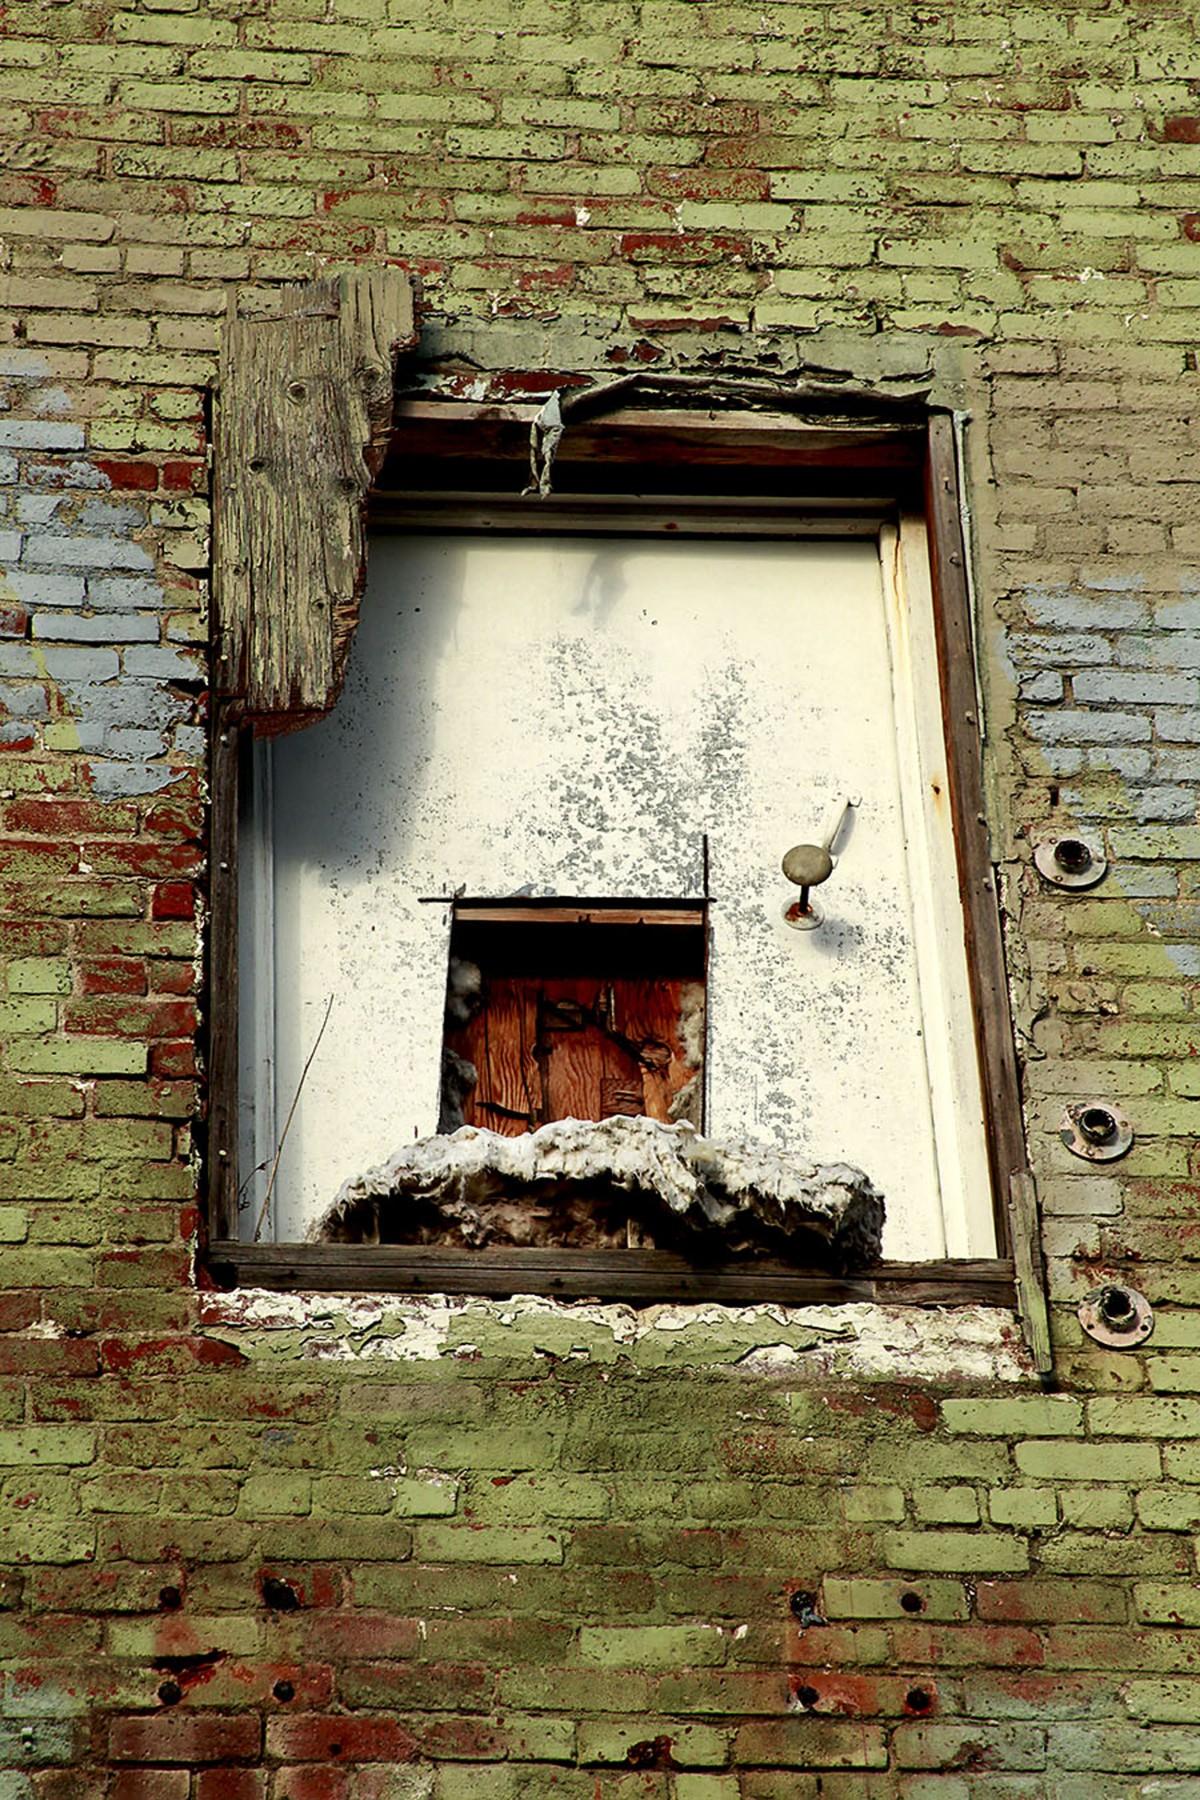 Holz Jahrgang Haus Textur Fenster Gebäude Alt Zuhause Mauer Rot Farbe  Fassade Dreckig Außen Ziegel Tür